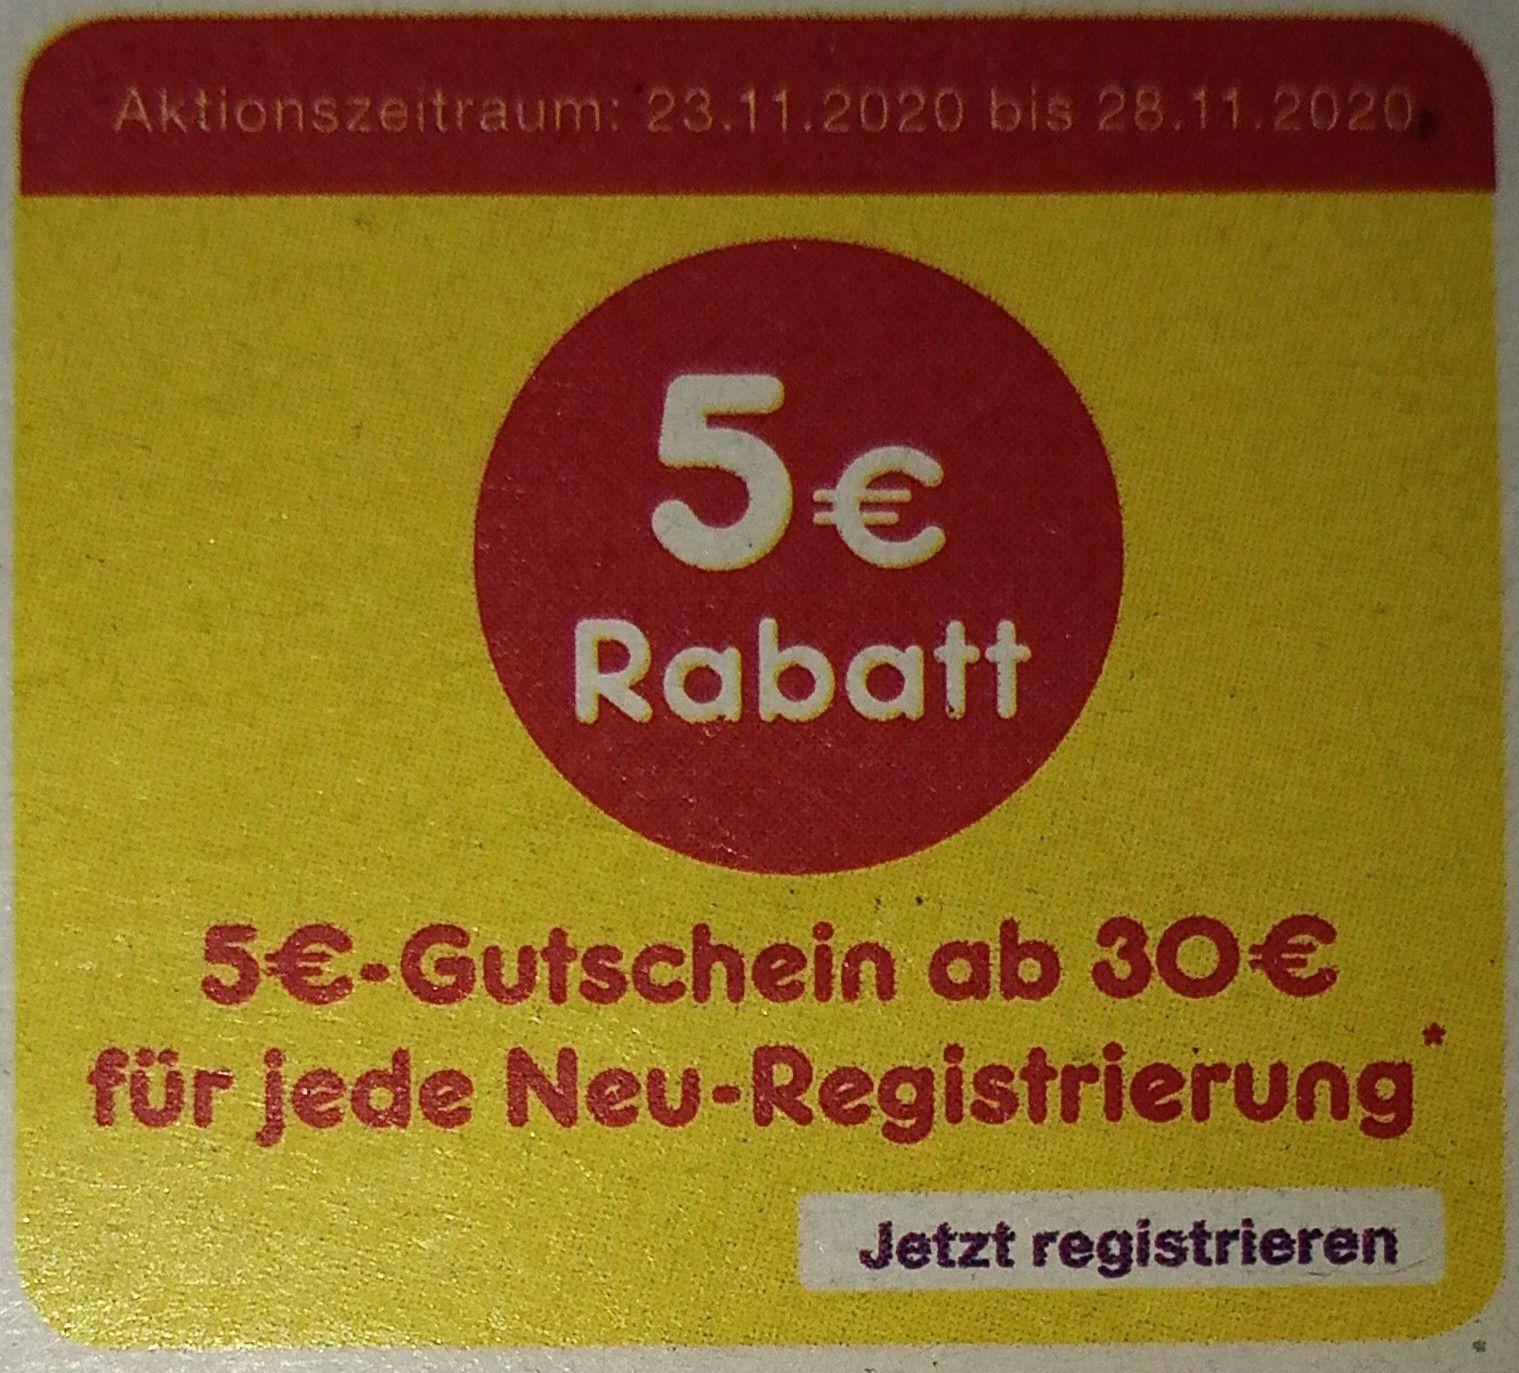 Netto App: 5 Euro Gutschein (bis 28.12. gültig) ab 30 Euro für jede Neuregistrierung vom 23.-29.11.